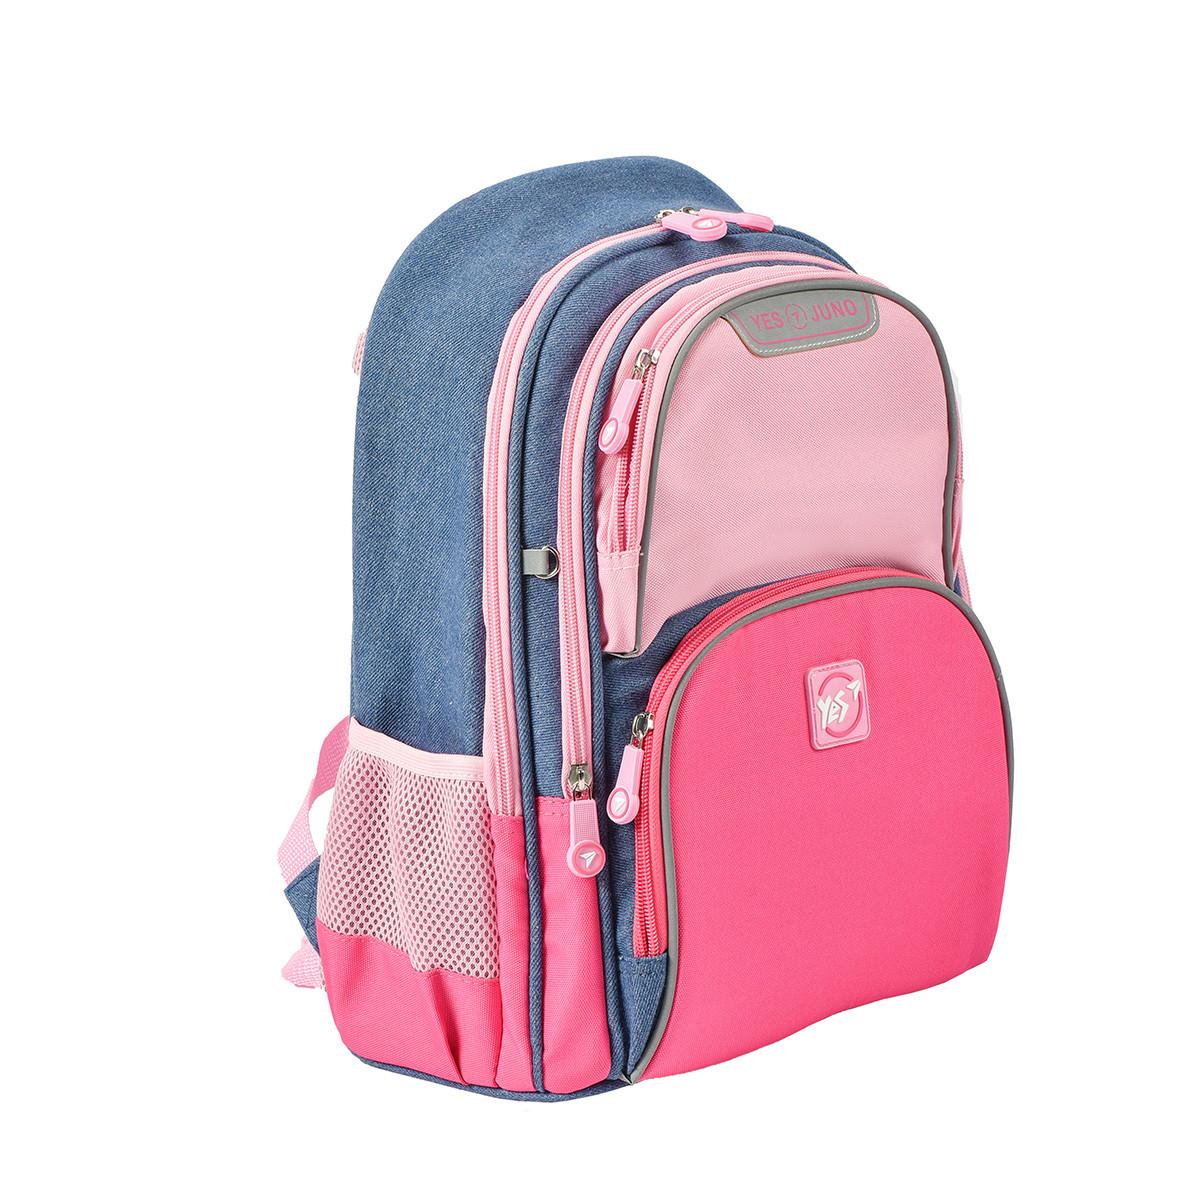 Рюкзак школьный Yes S-30 Juno Girls style розовый/голубой код:558444